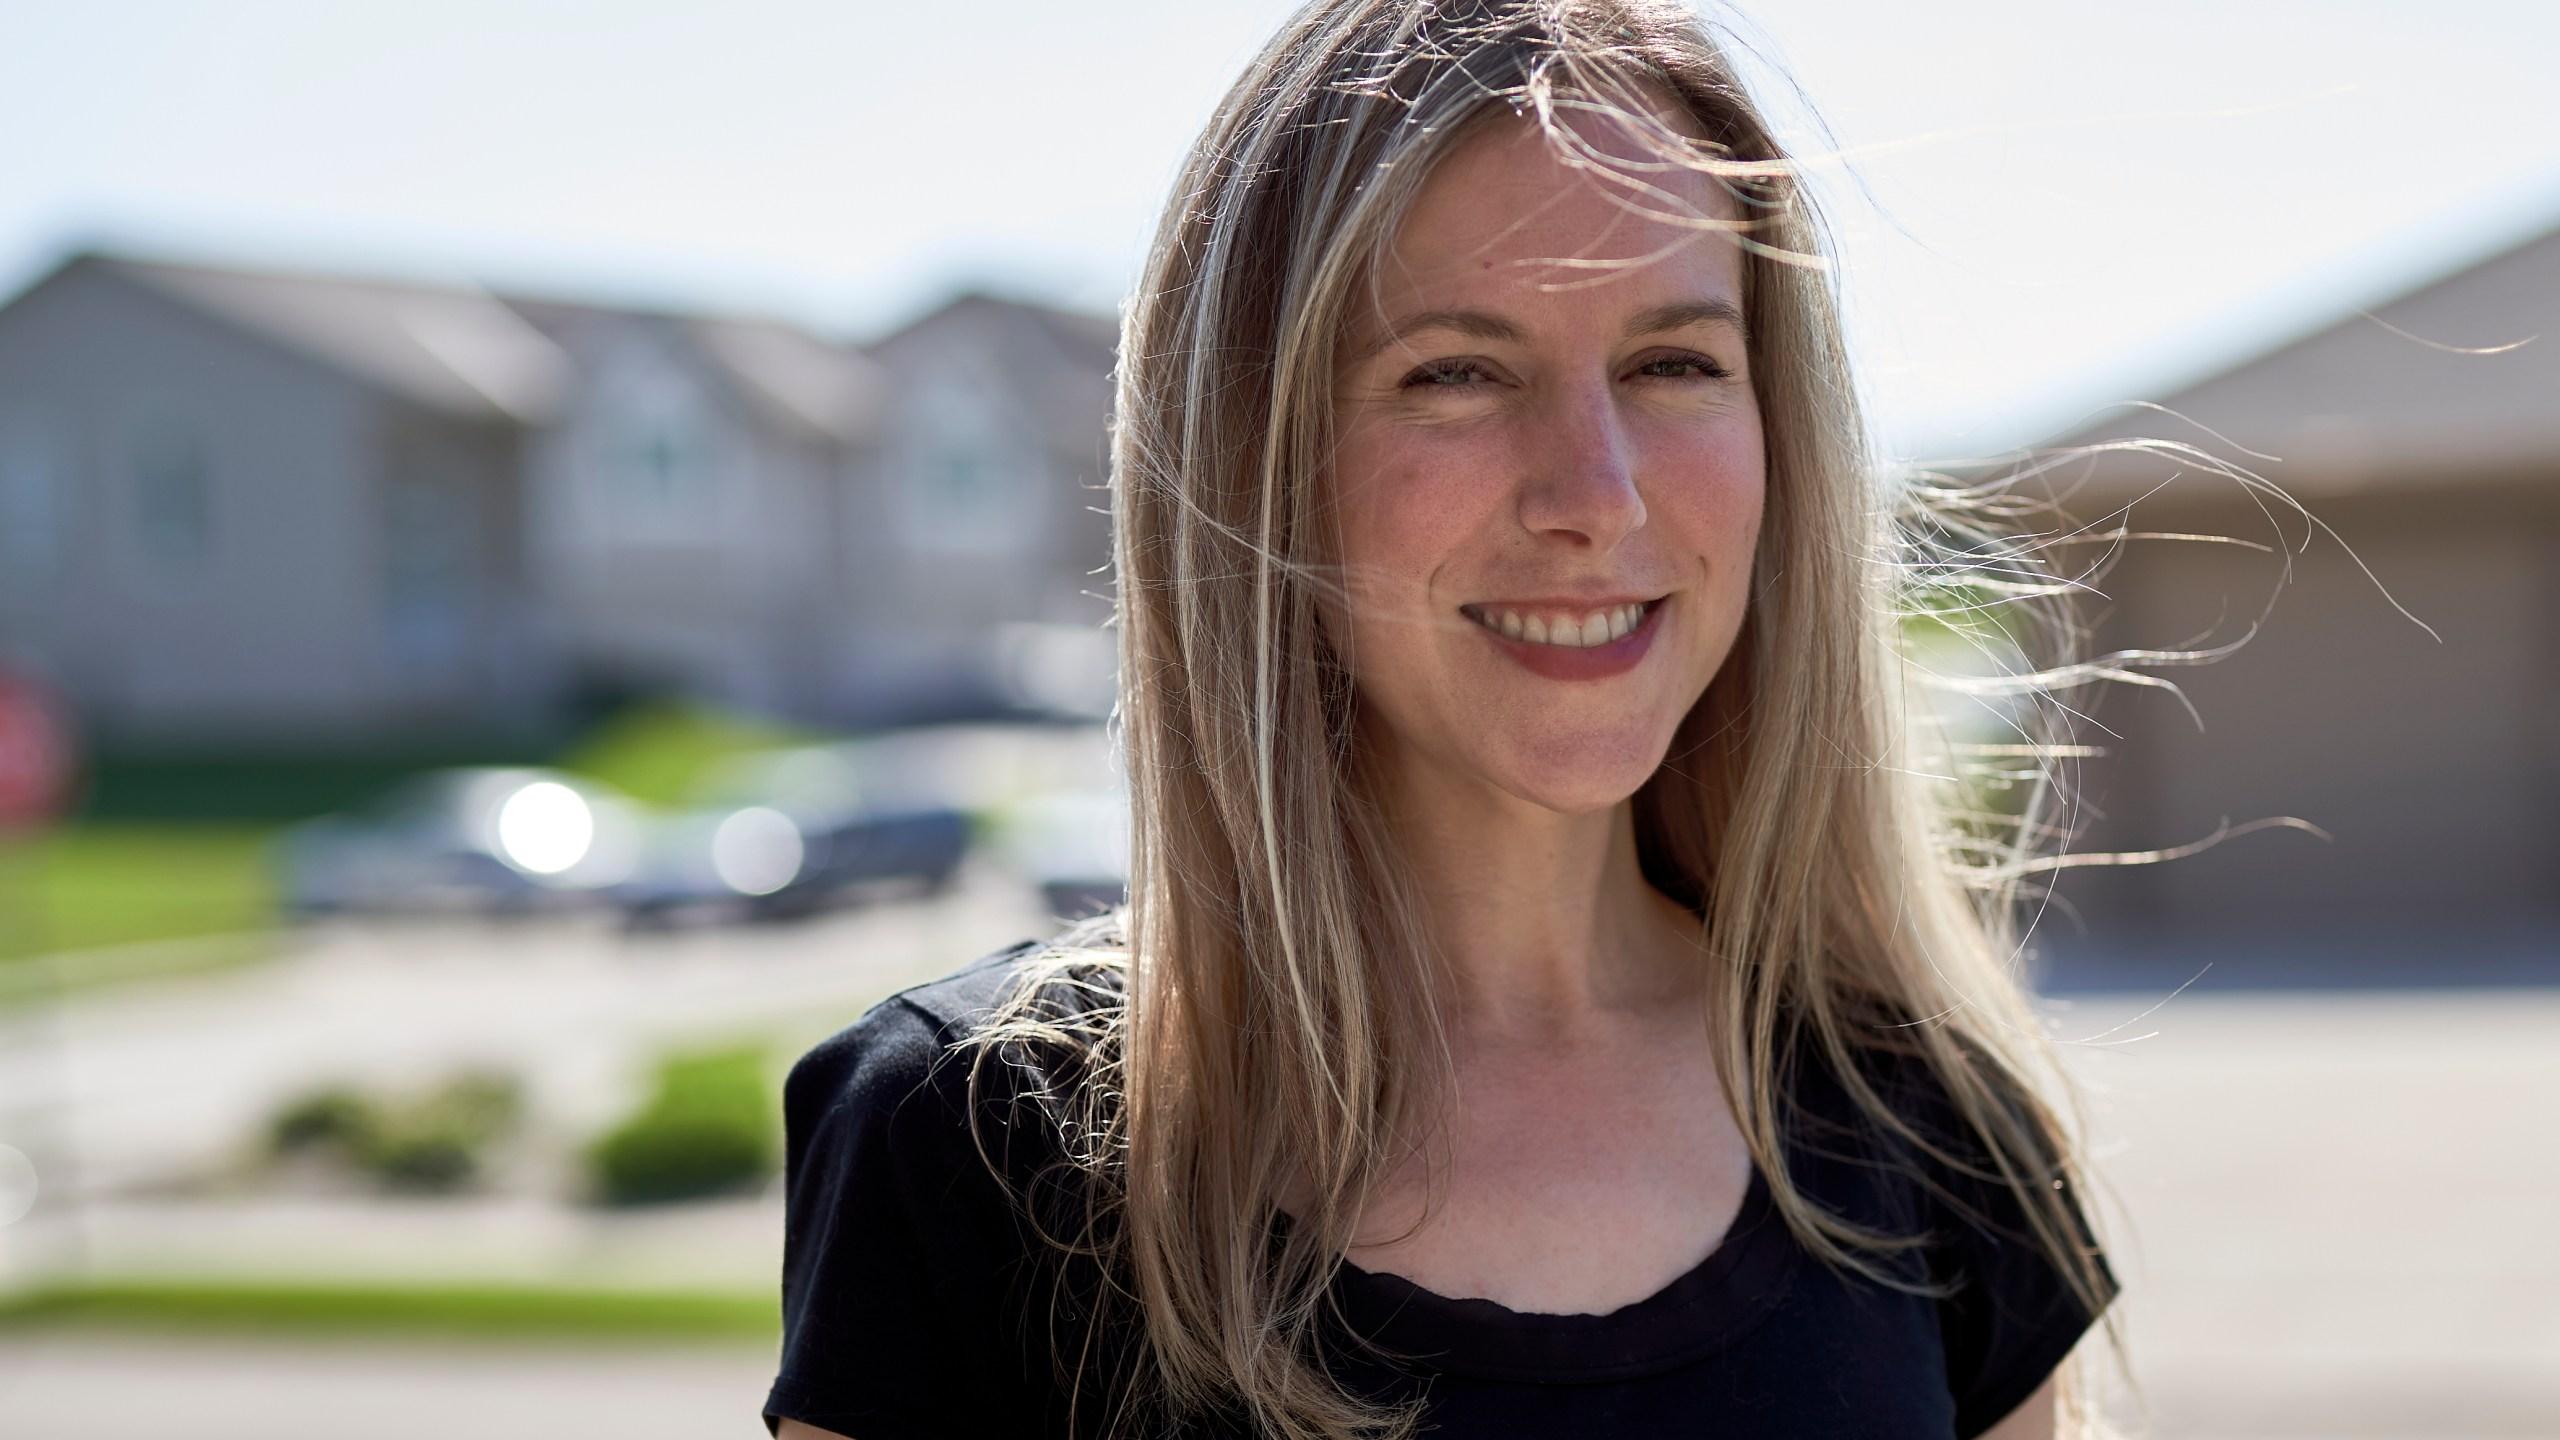 Tara Carlson